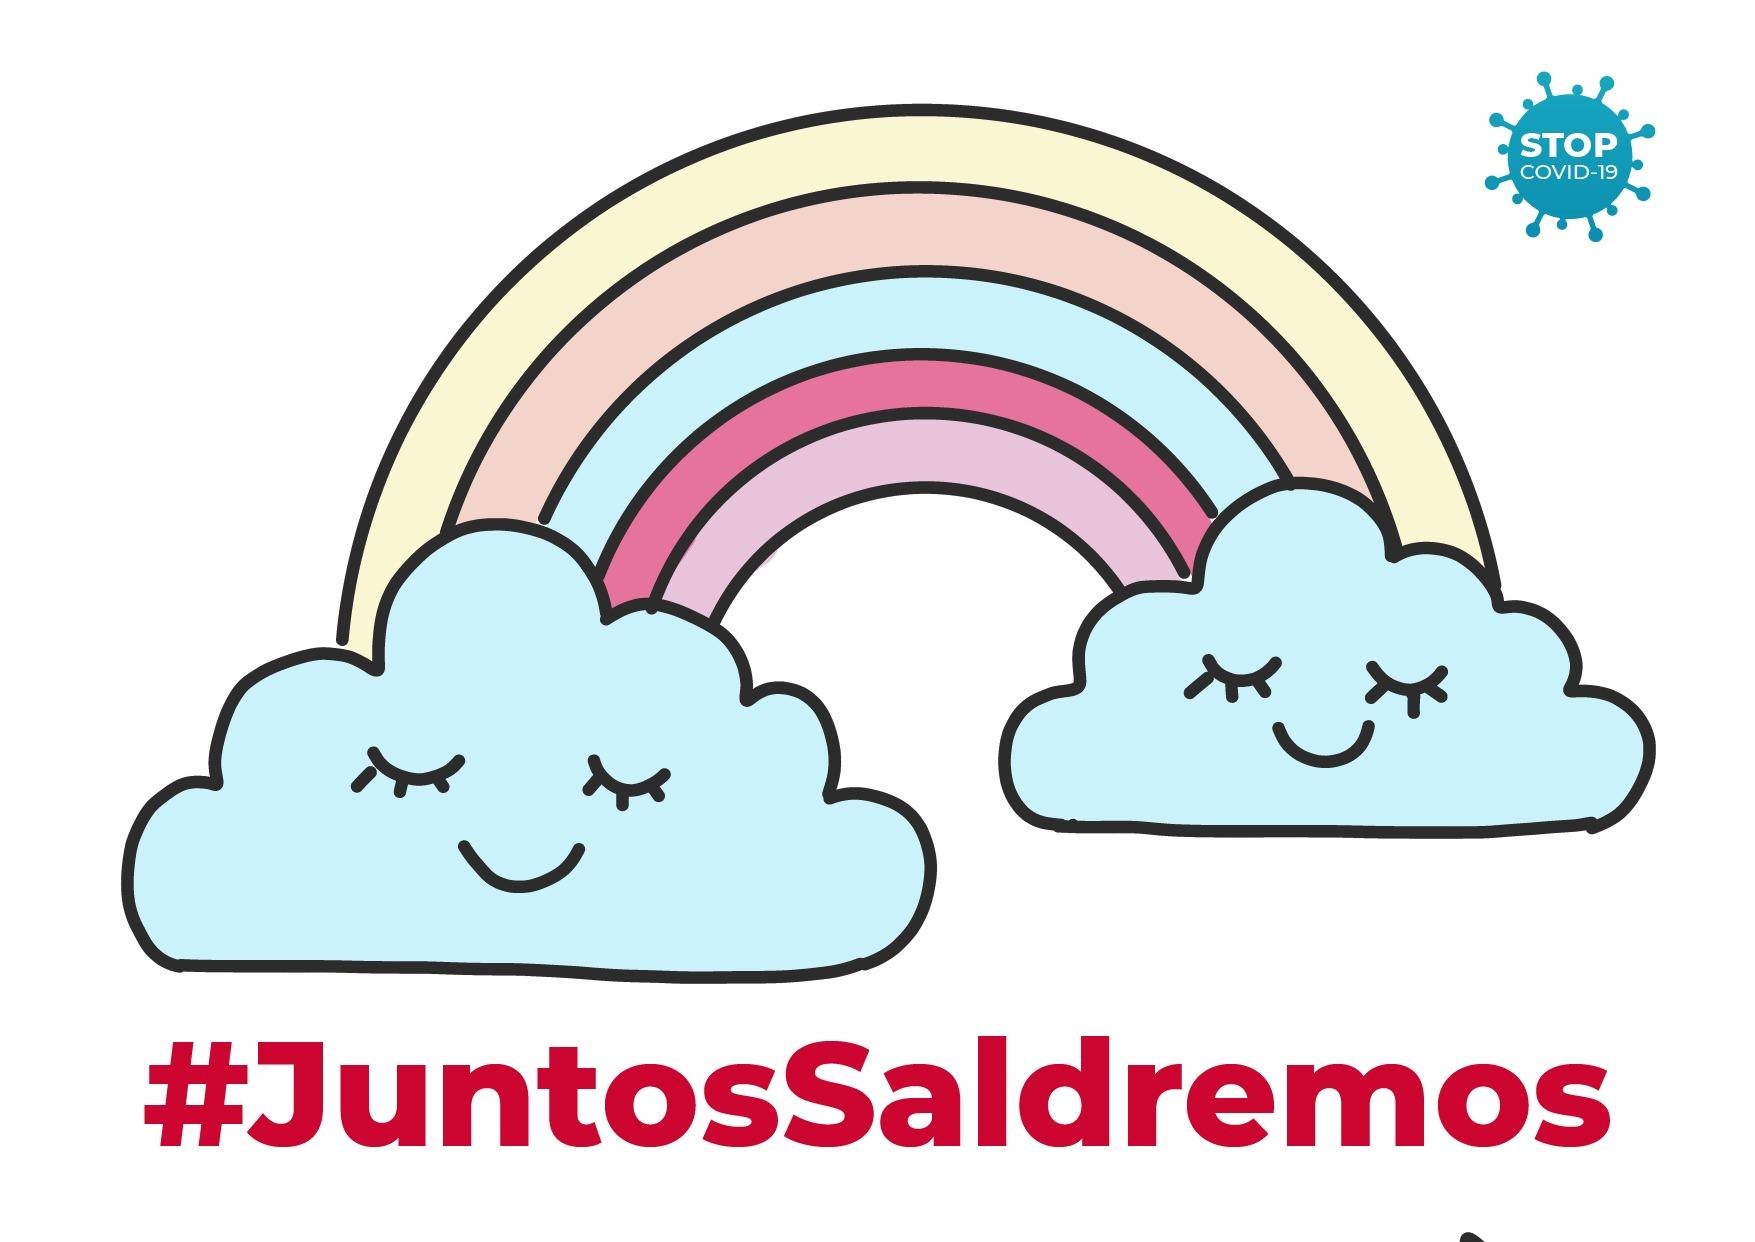 cartel de animo contra el coronavirus con arcoiris y mensaje positivo